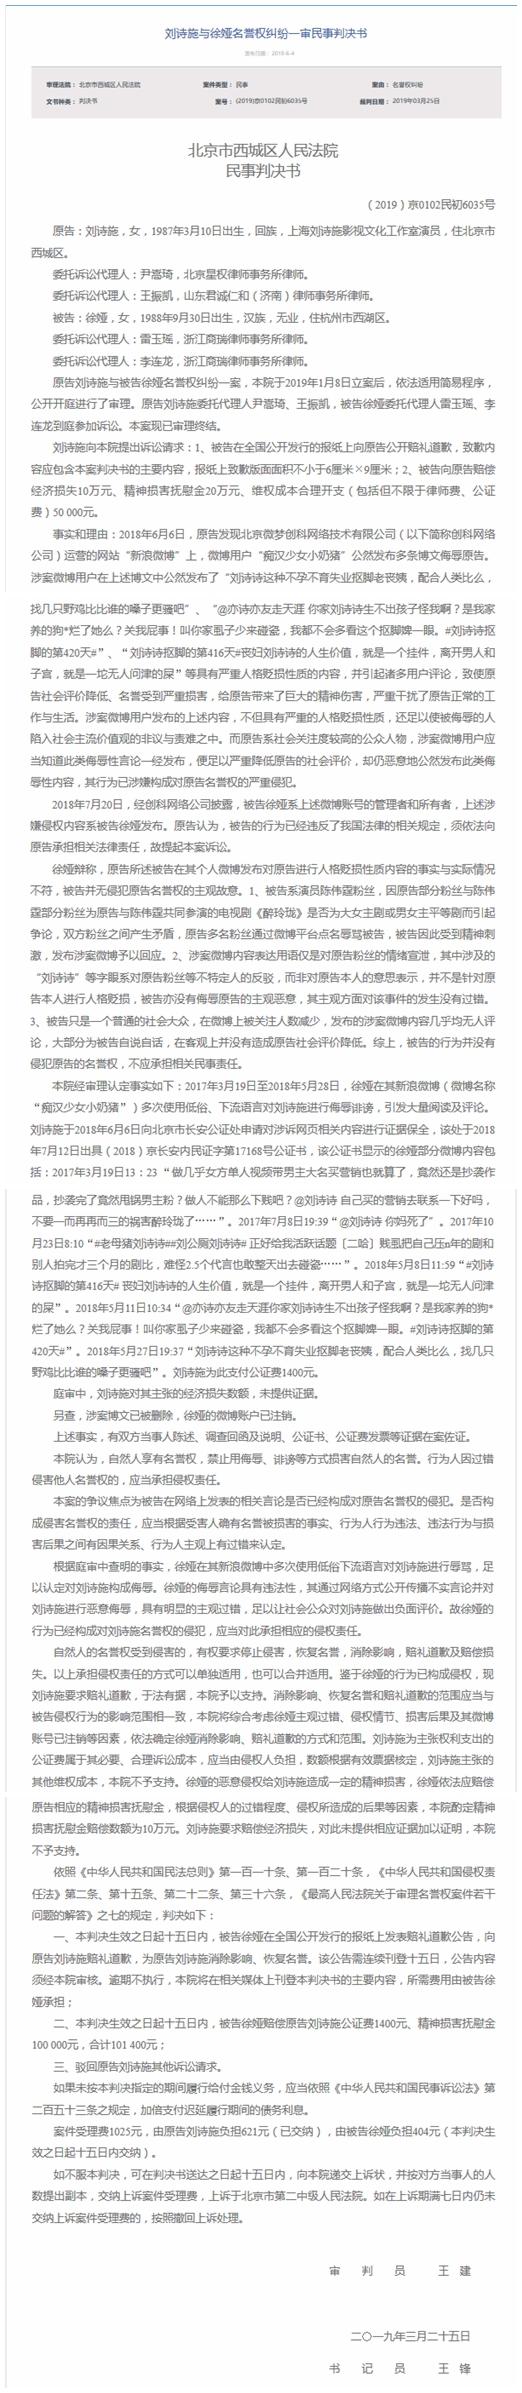 刘诗诗获赔10万:刘诗诗名誉权纠纷案胜诉,获赔10万余元